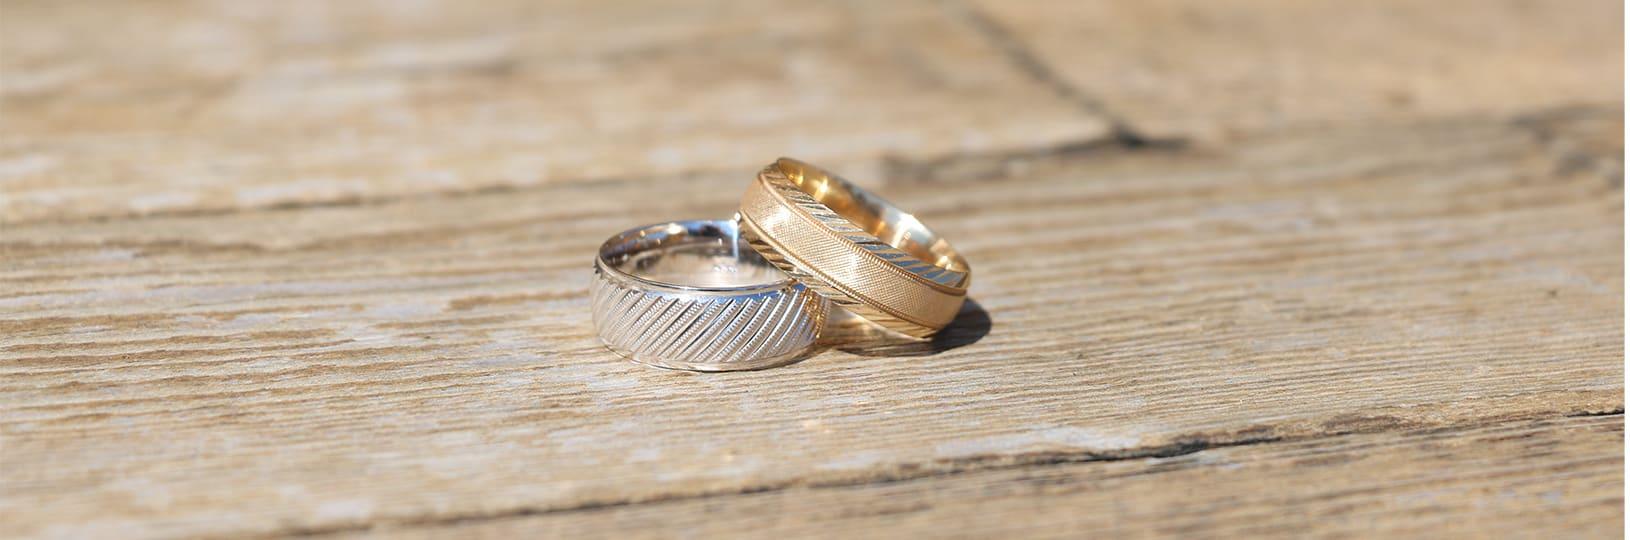 Men's white gold wedding ring and men's yellow gold wedding ring